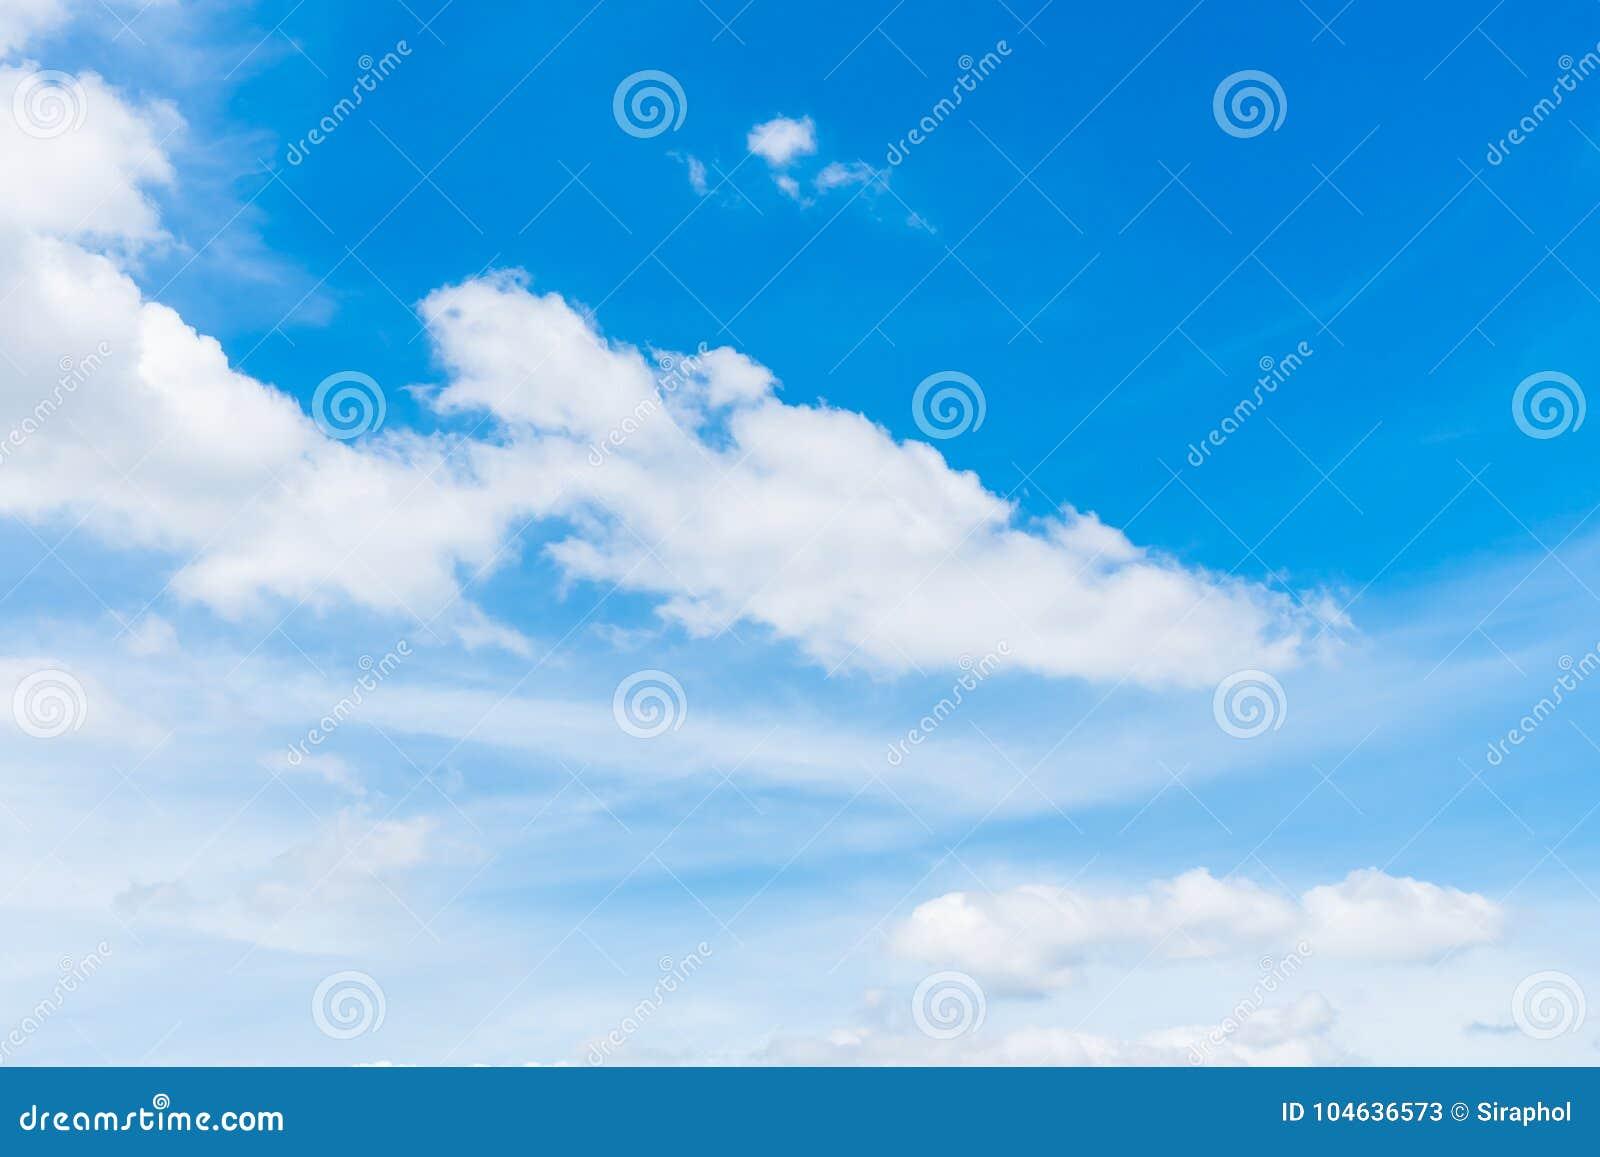 Download Witte wolk op blauwe hemel stock afbeelding. Afbeelding bestaande uit openlucht - 104636573